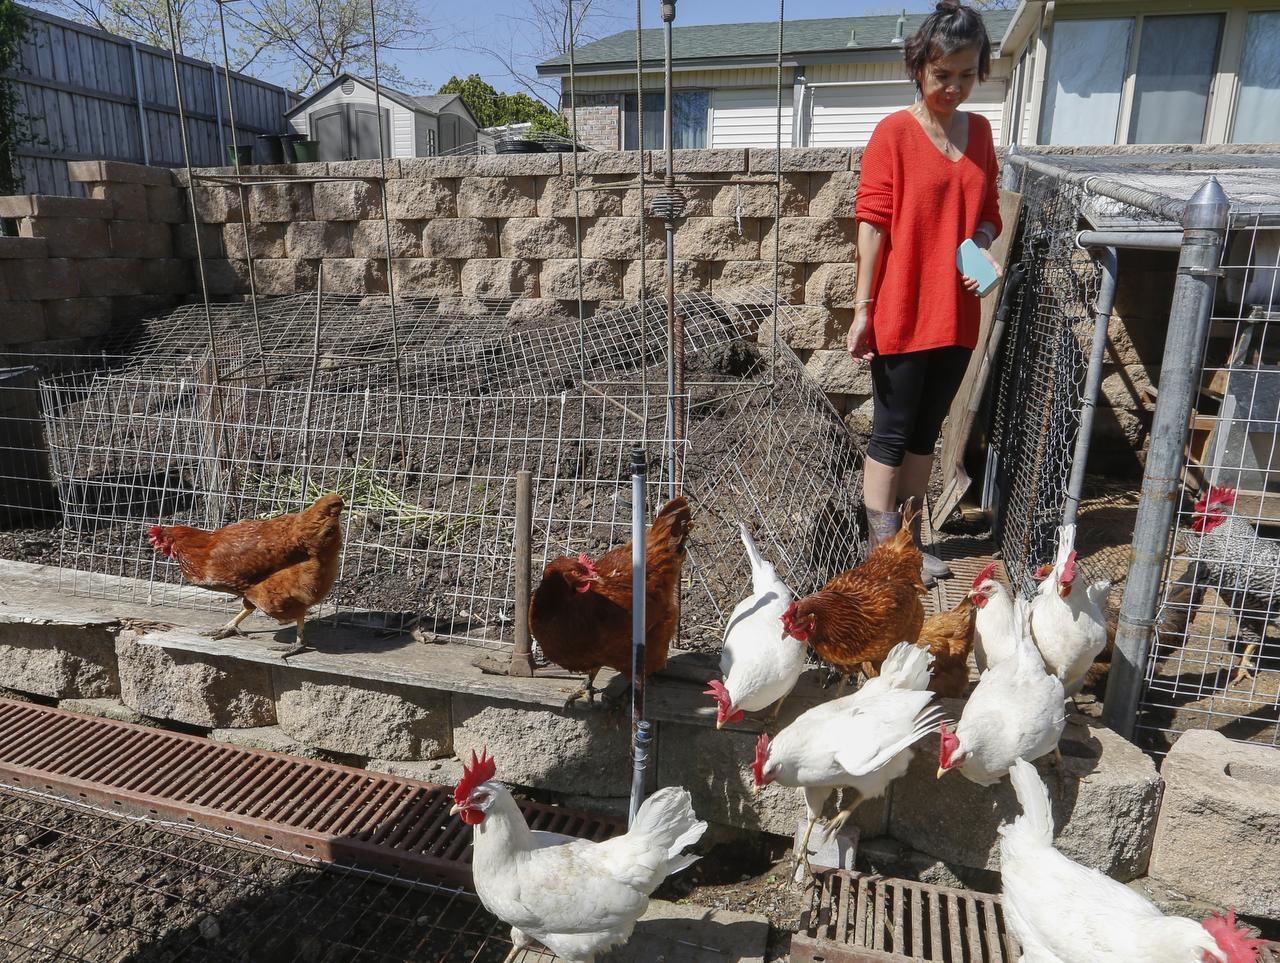 Helen Ming, residente de Irving, deja a sus gallinas salir de su gallinero. Irving aprobó una ordenanza sobre la posesión gallinas en abril de 2019 después de posponer su debate tres veces. (RON BASELICE/DMN)